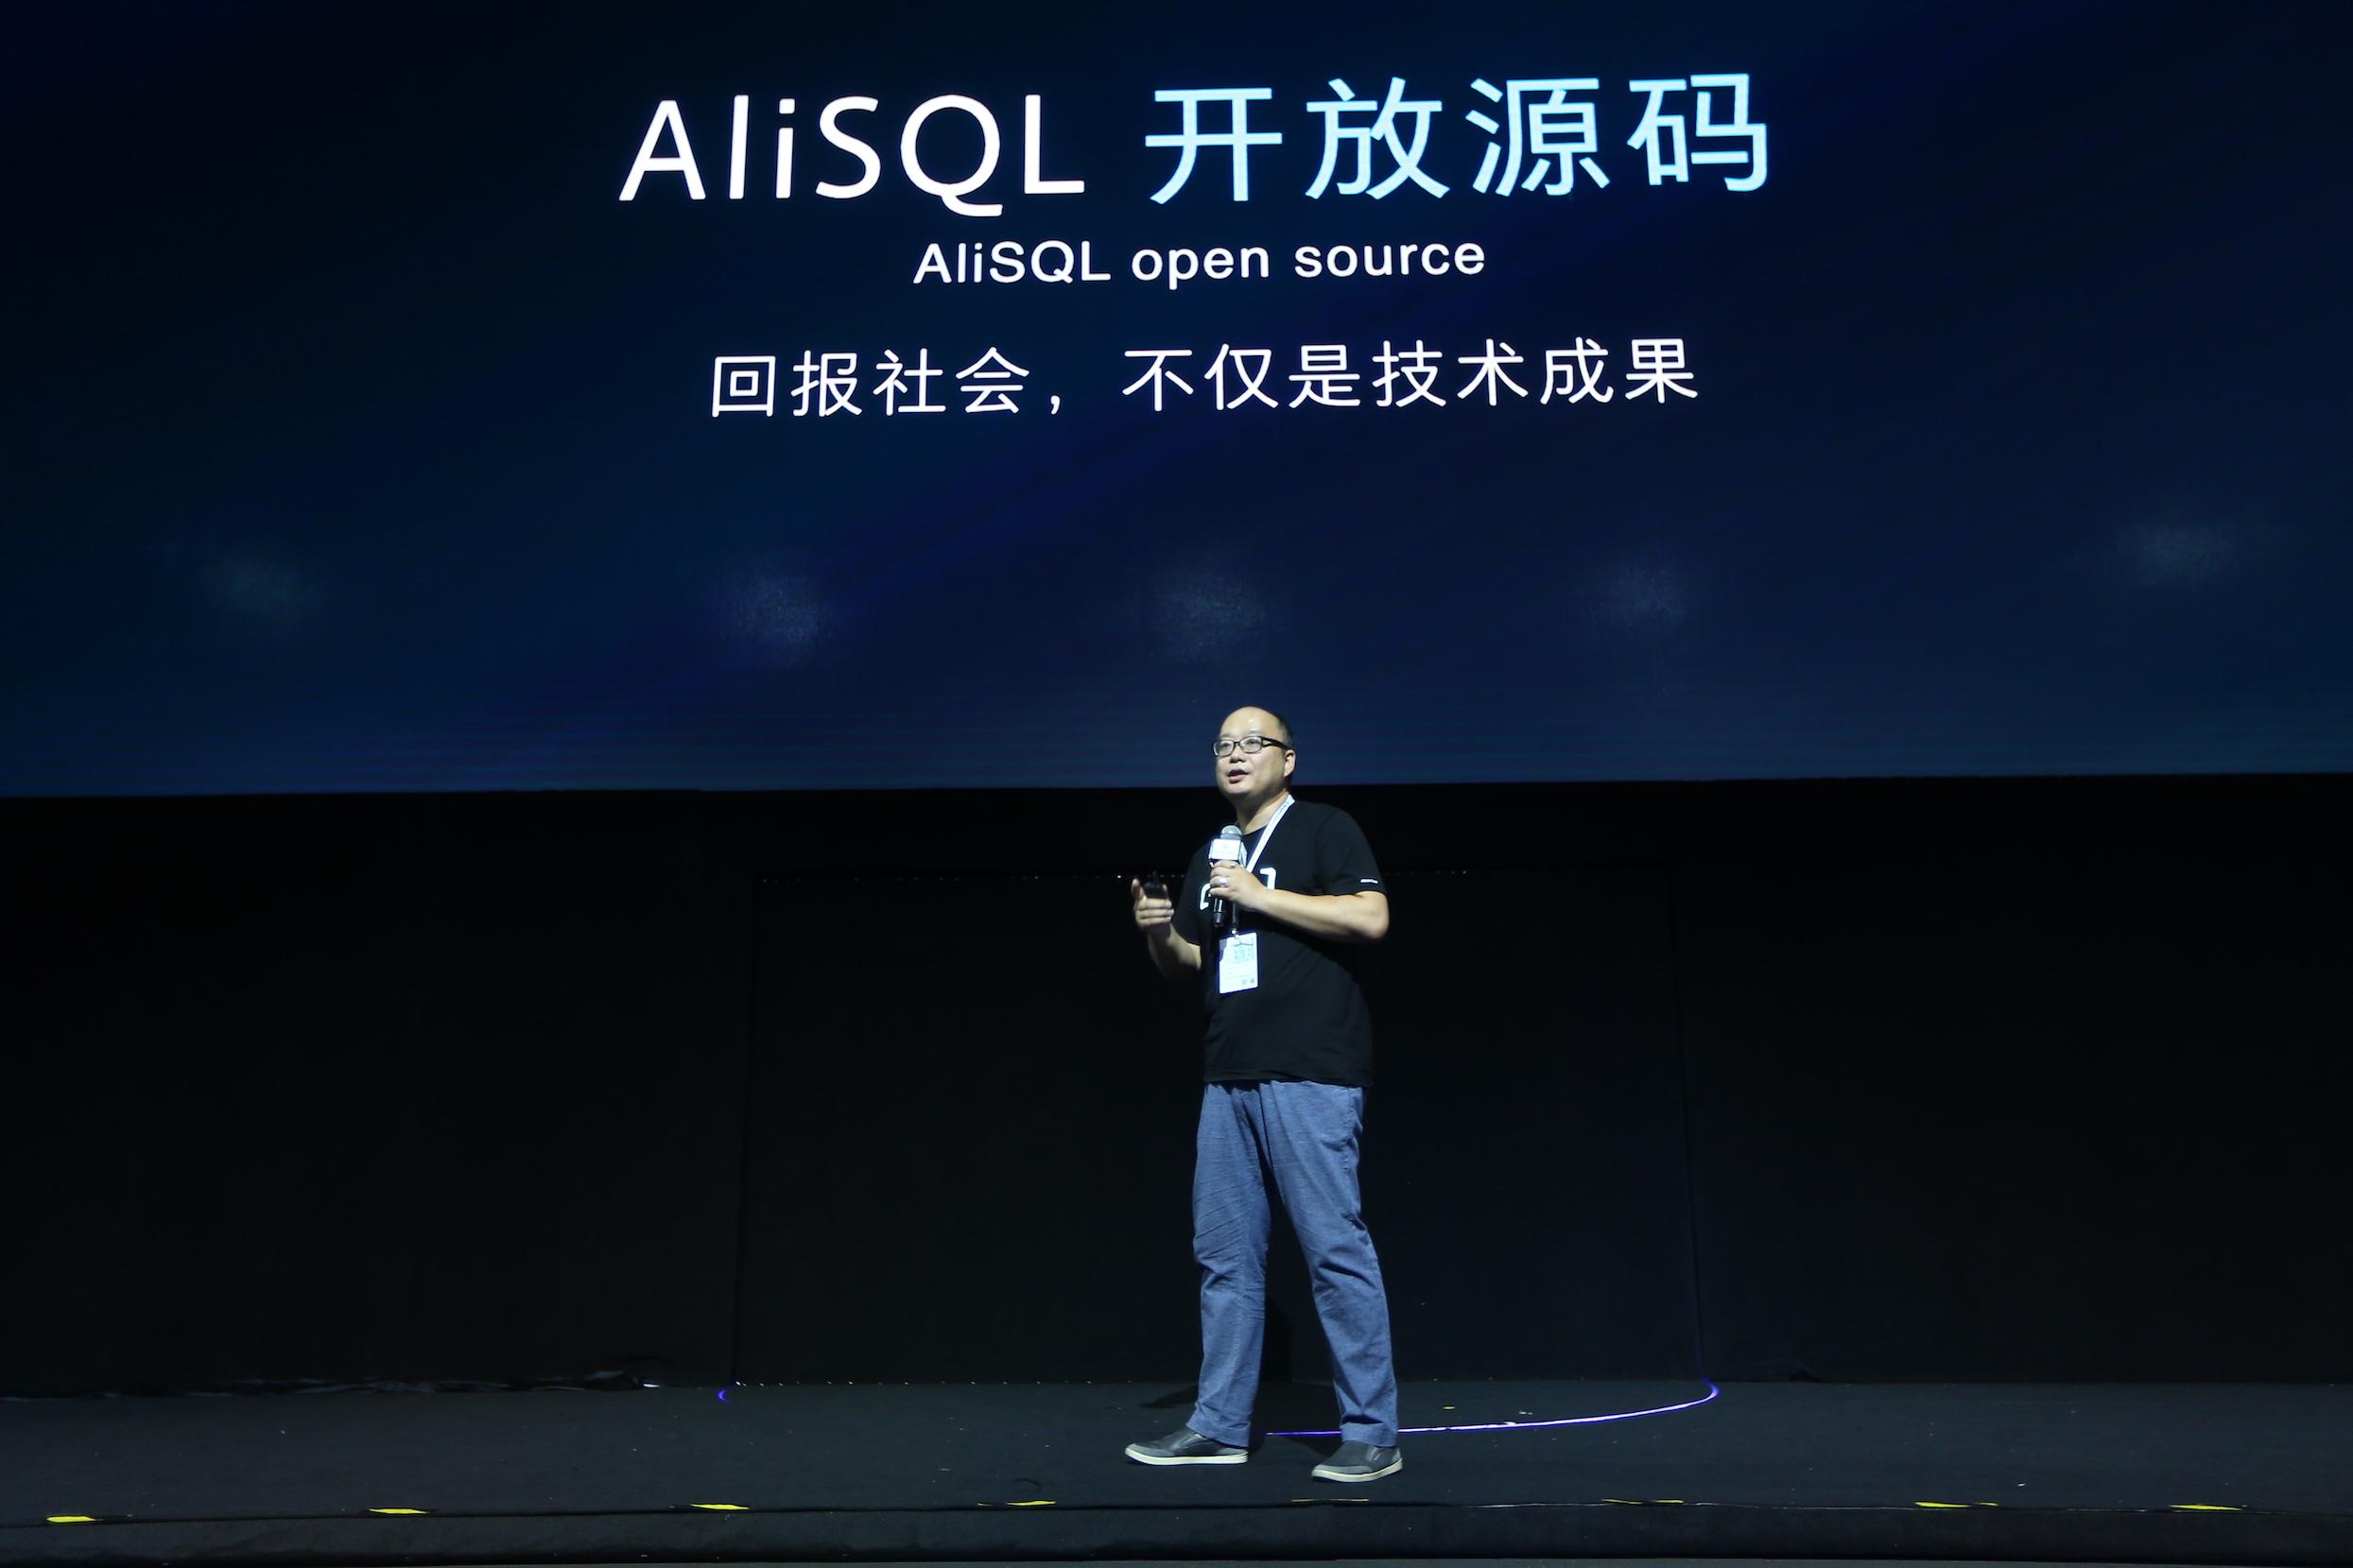 阿里云开放 AliSQL 数据库正式发布,这里下载